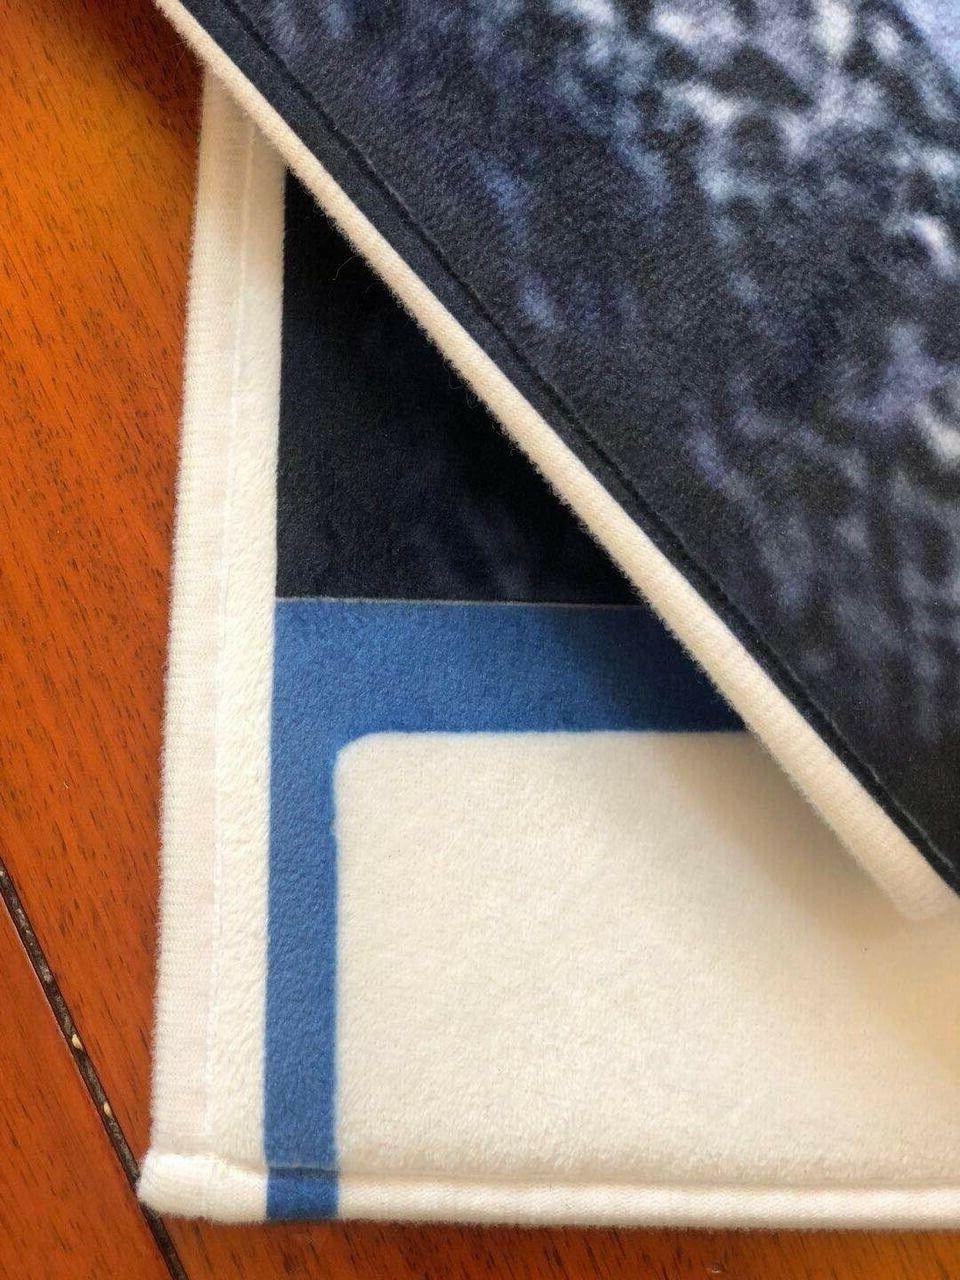 Washington Rug, Football Floor Washington Carpet HOT